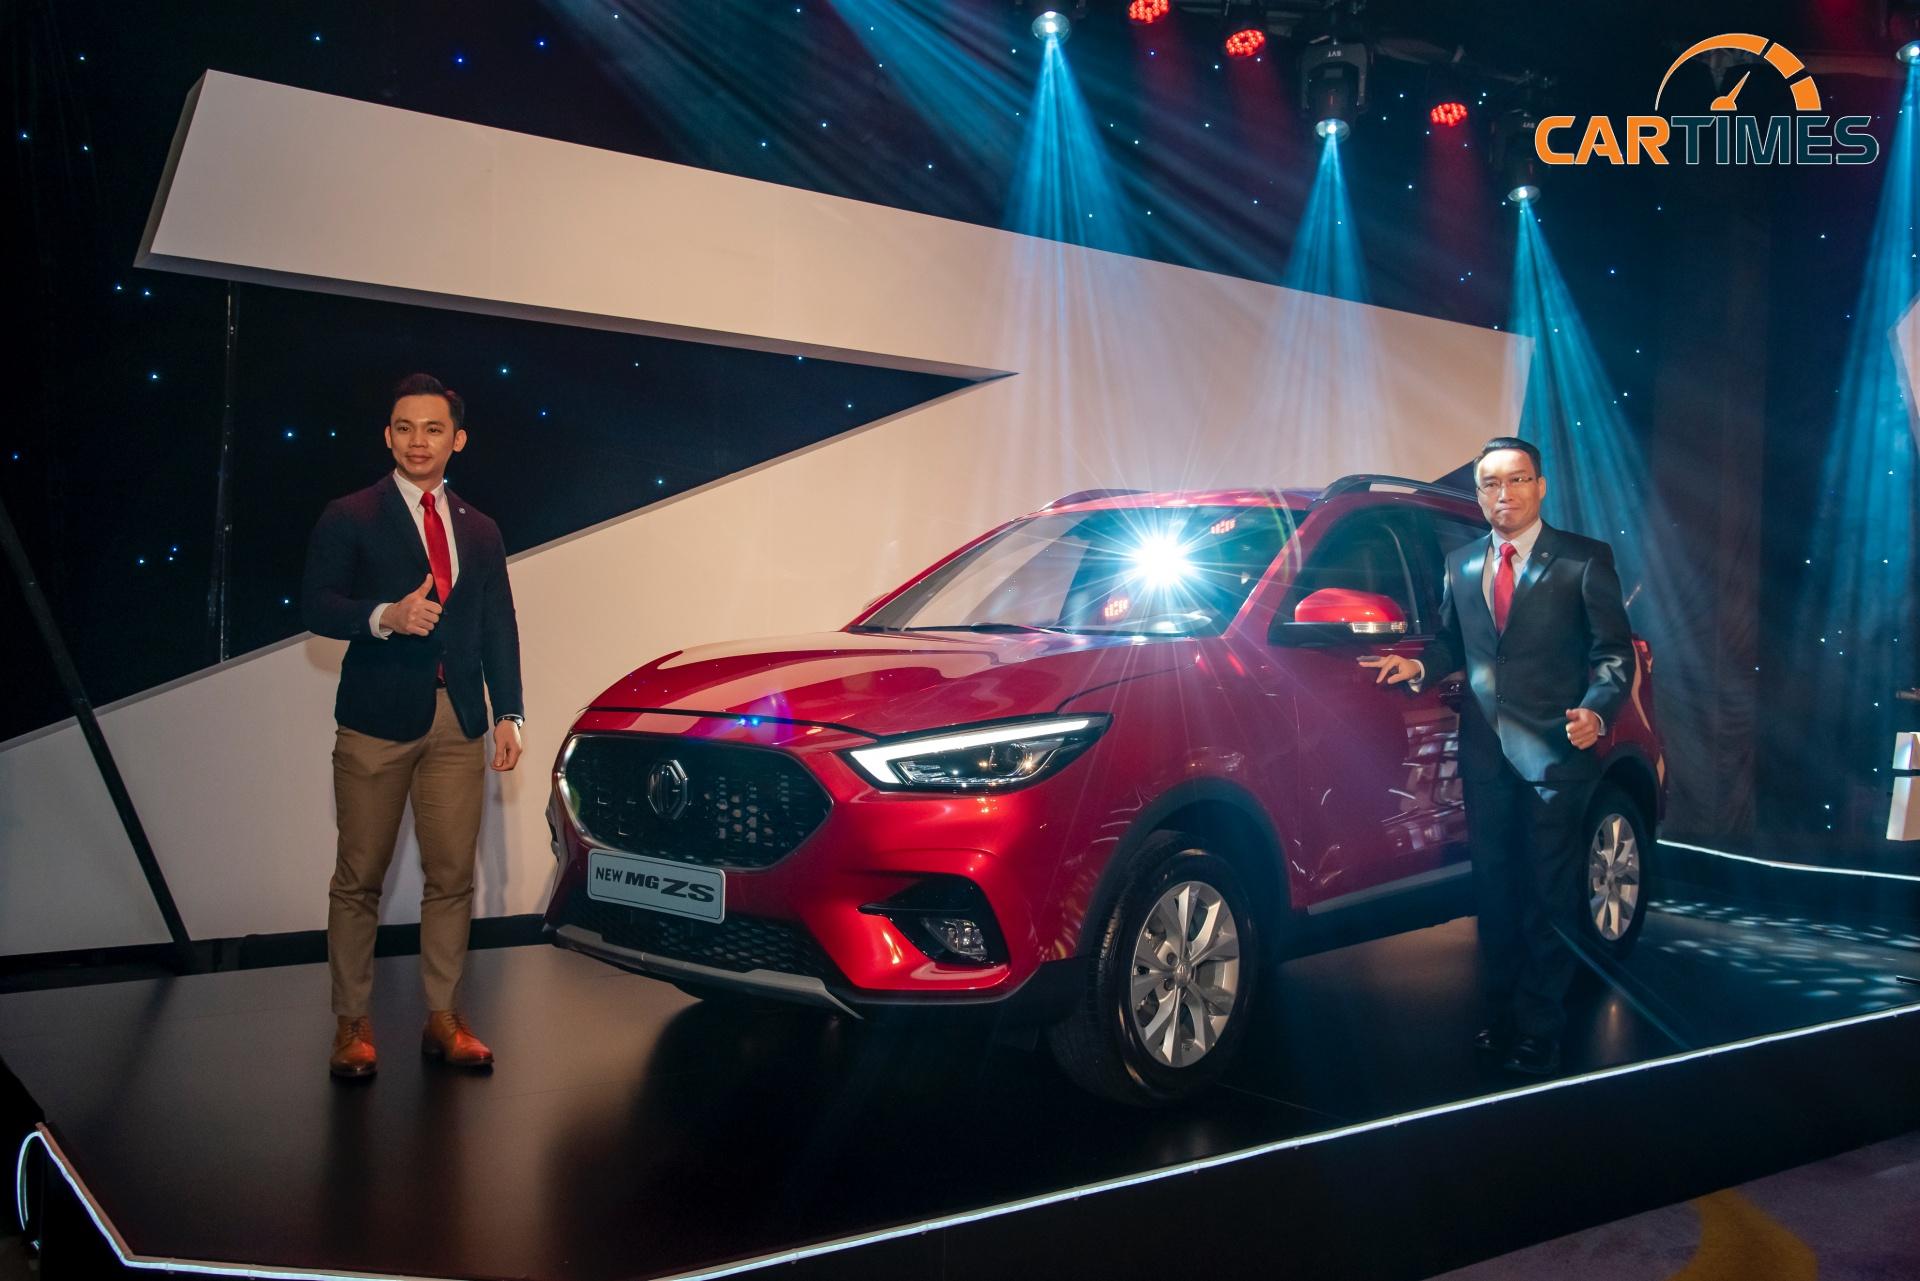 MG ZS phiên bản nâng cấp ra mắt thị trường Việt Nam giá từ 569 triệu đồng -2